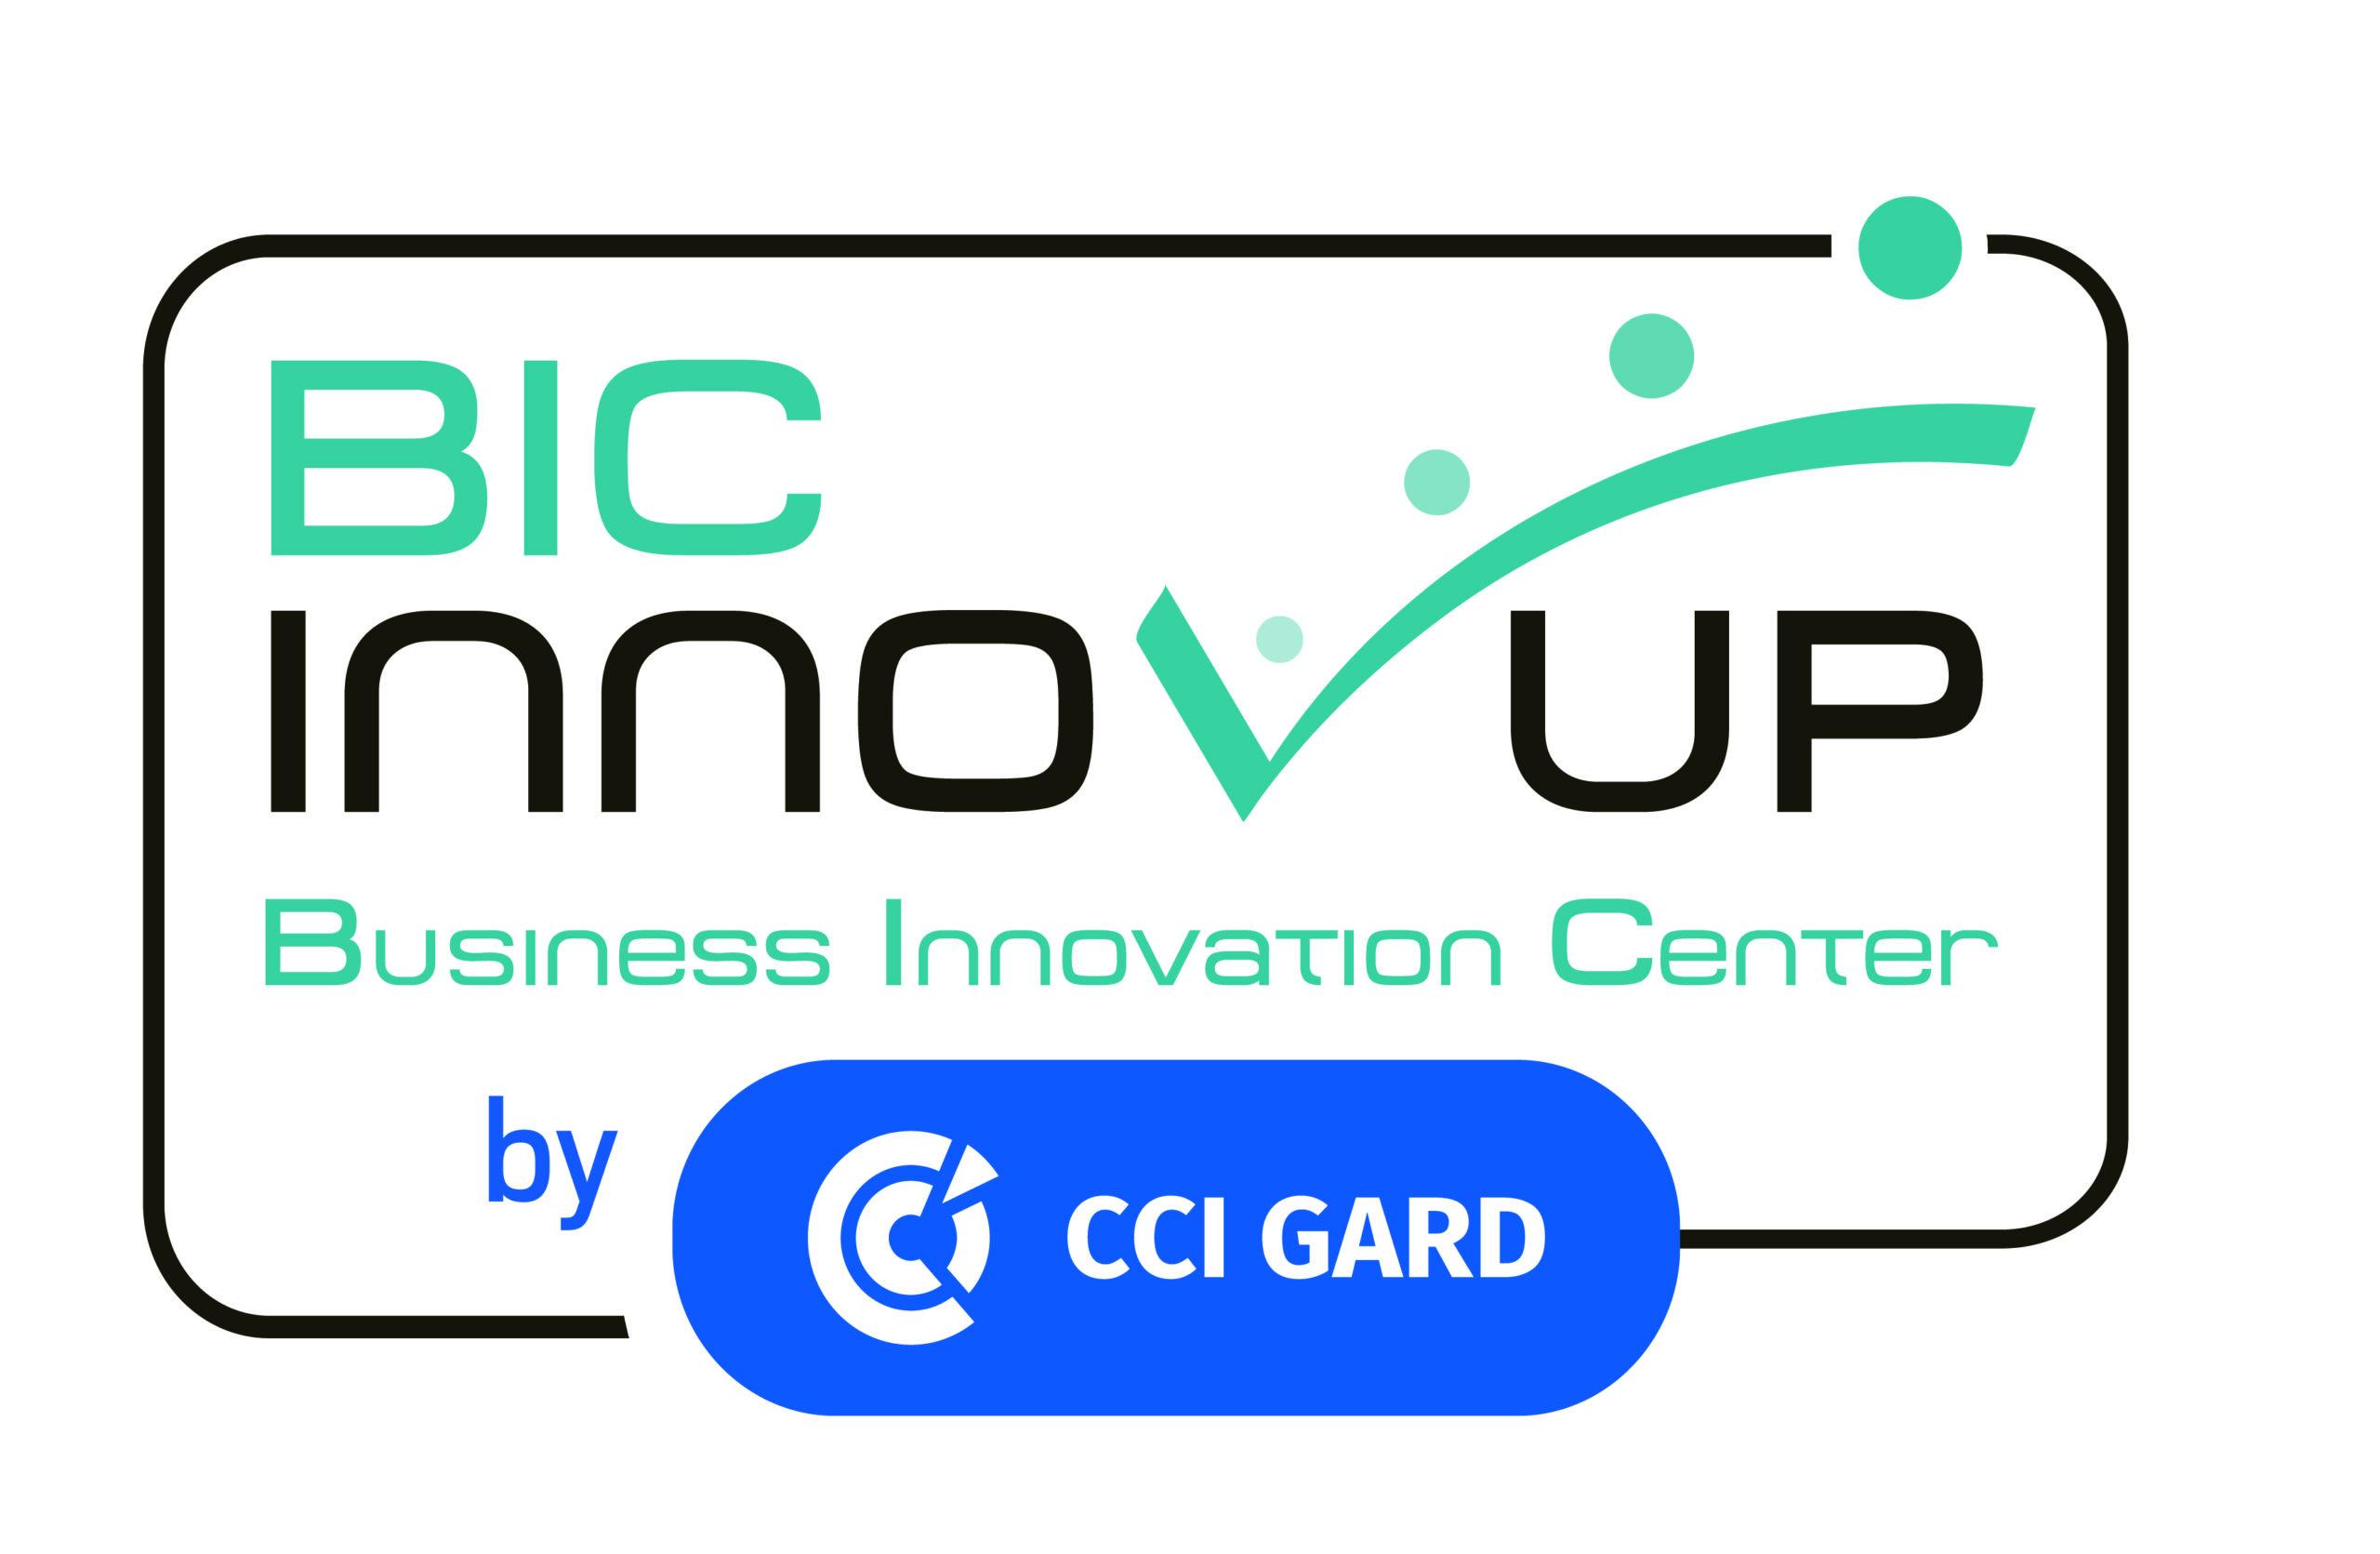 BIC Innov'Up